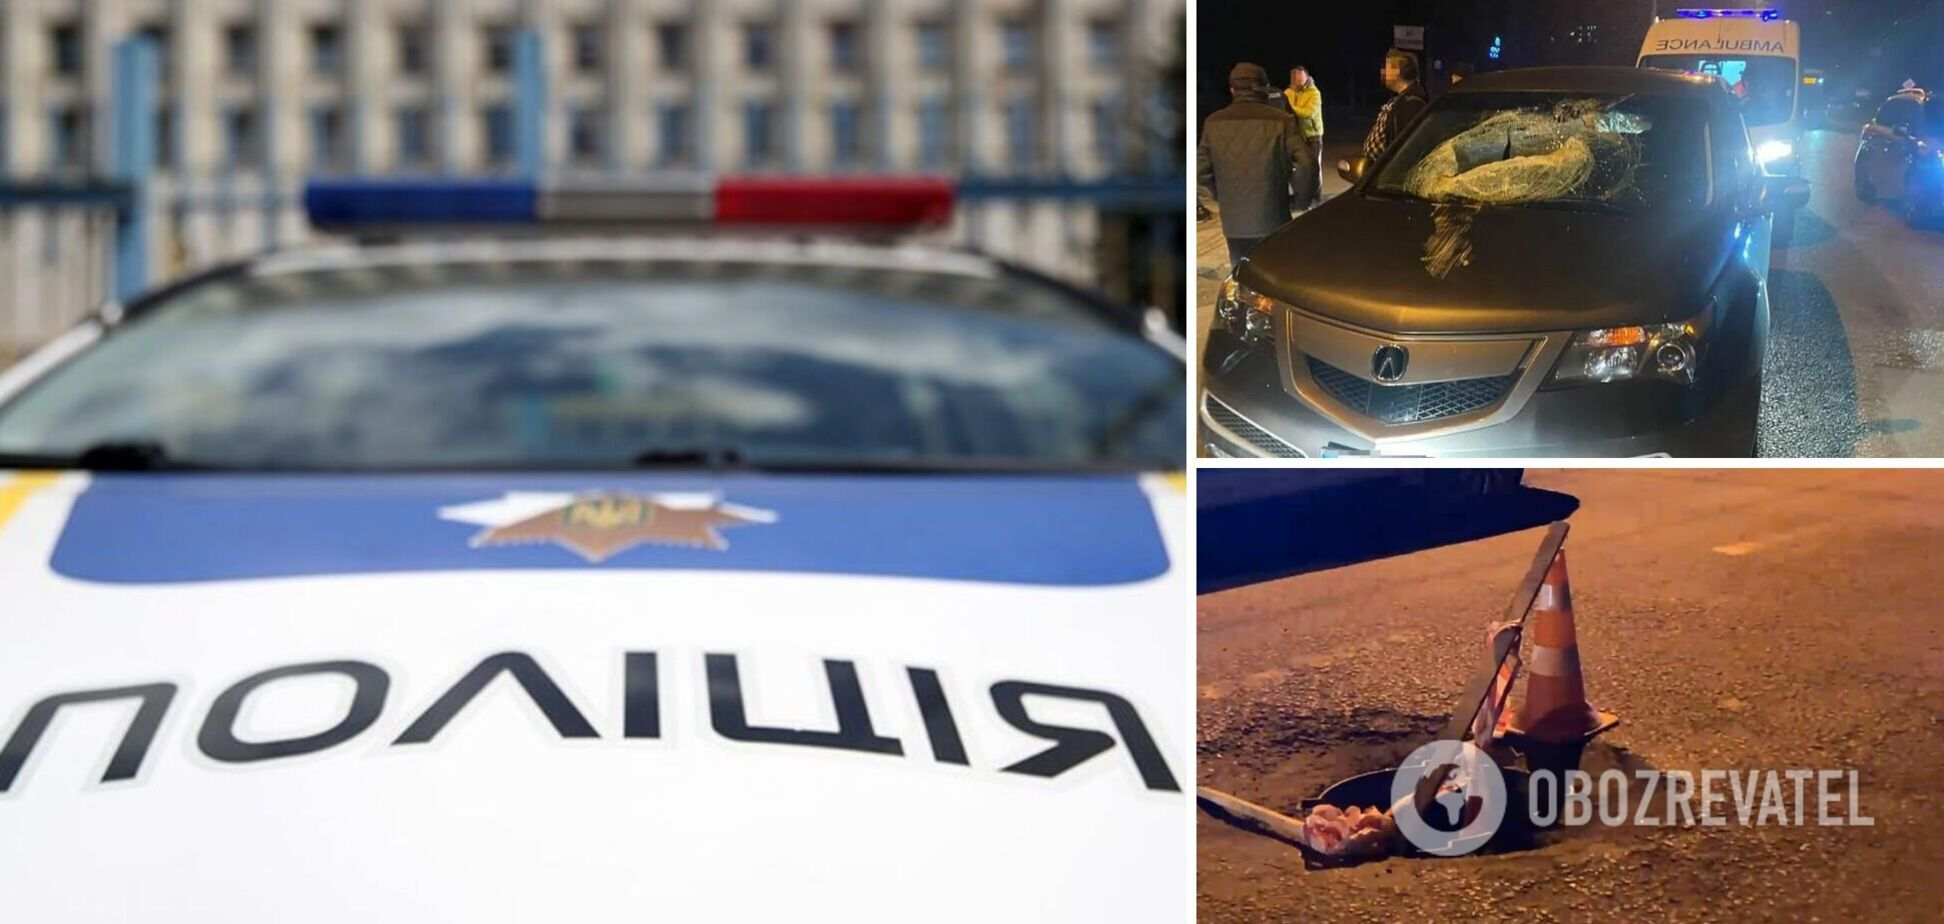 Загибель дитини у Львові: водії неодноразово скаржилися на небезпечний люк